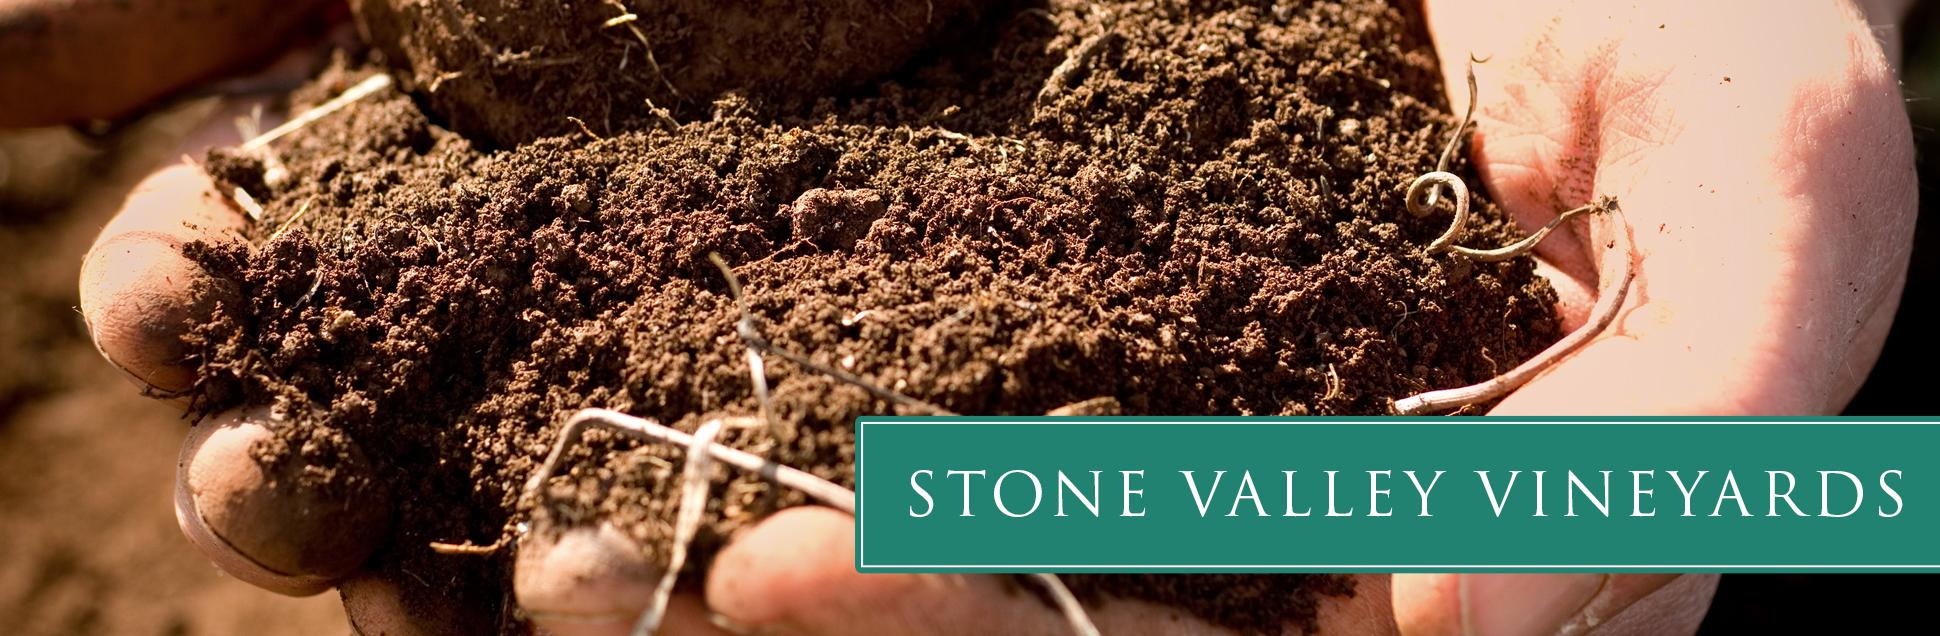 stone-vineyard-03.jpg